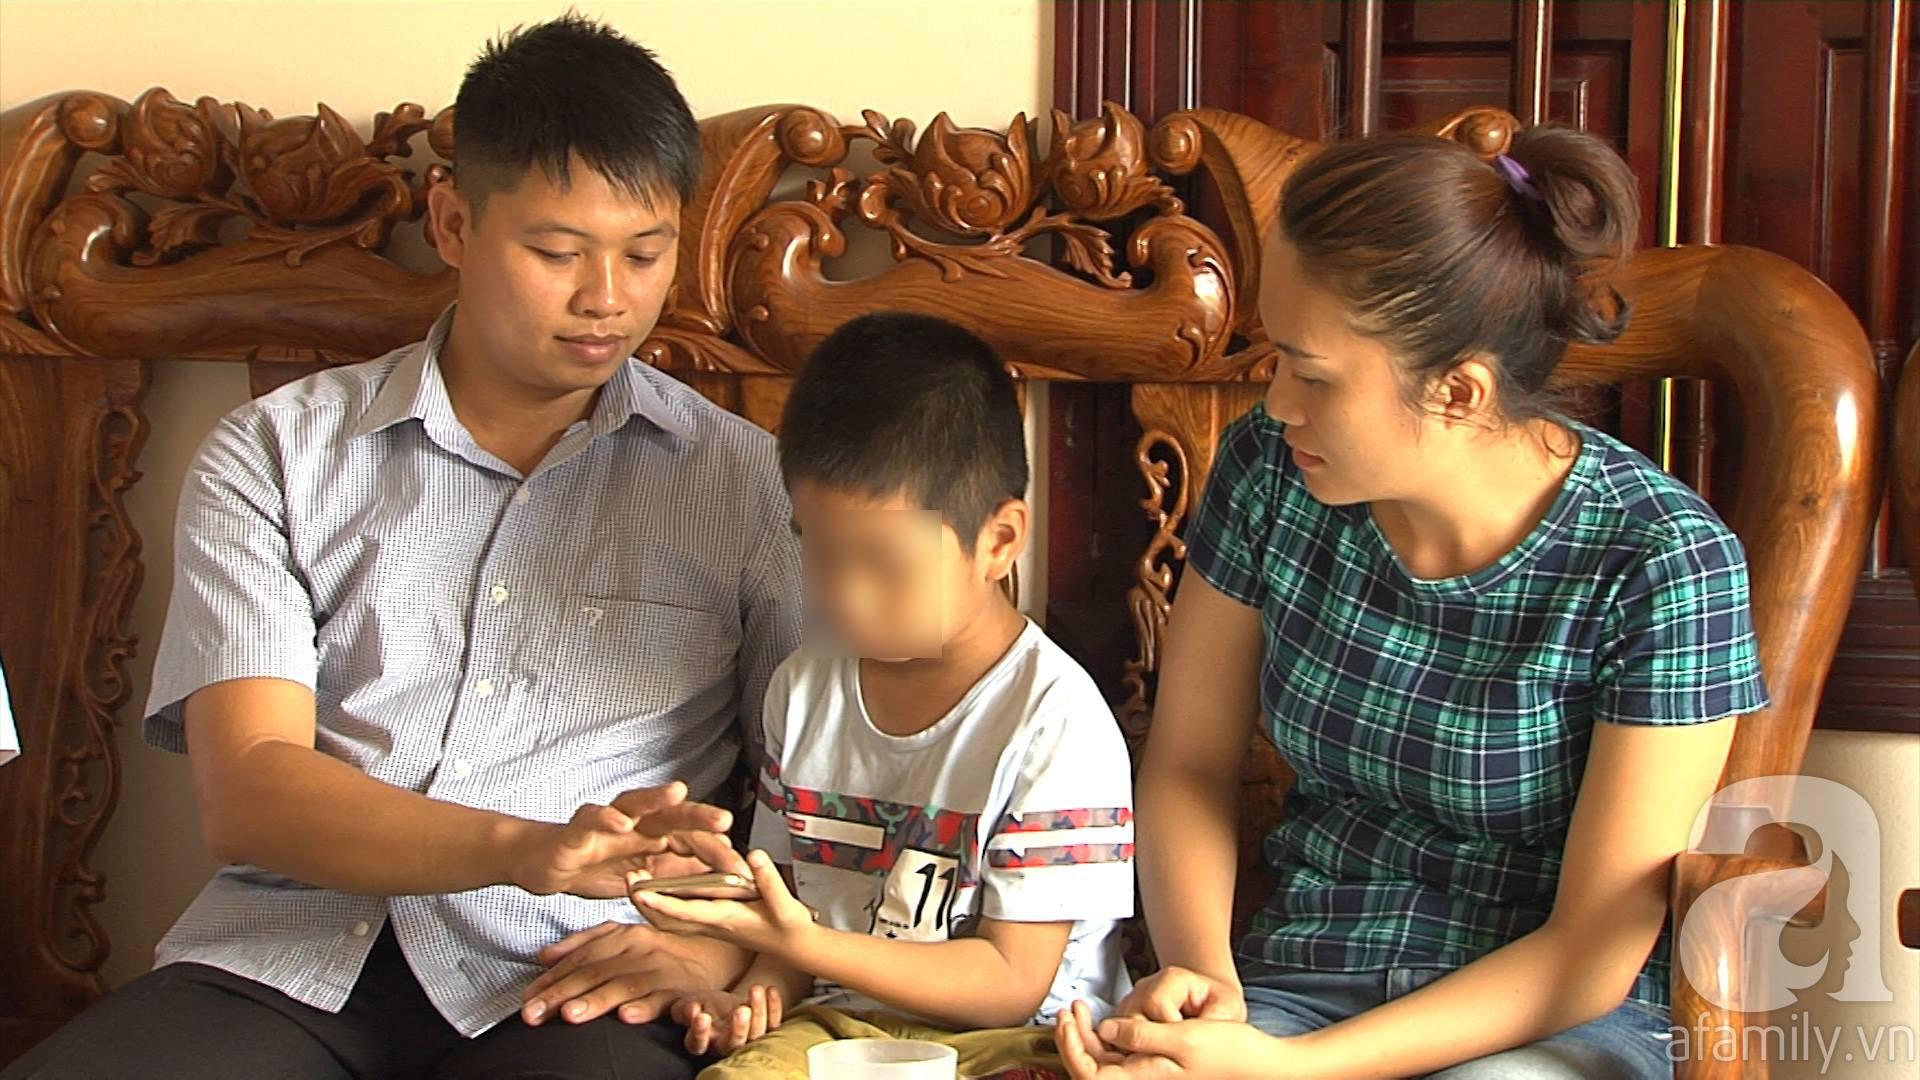 Bi kịch phía sau vụ trao nhầm con ở Hà Nội: Vợ chồng phải ly hôn vì con không giống ai - Ảnh 7.